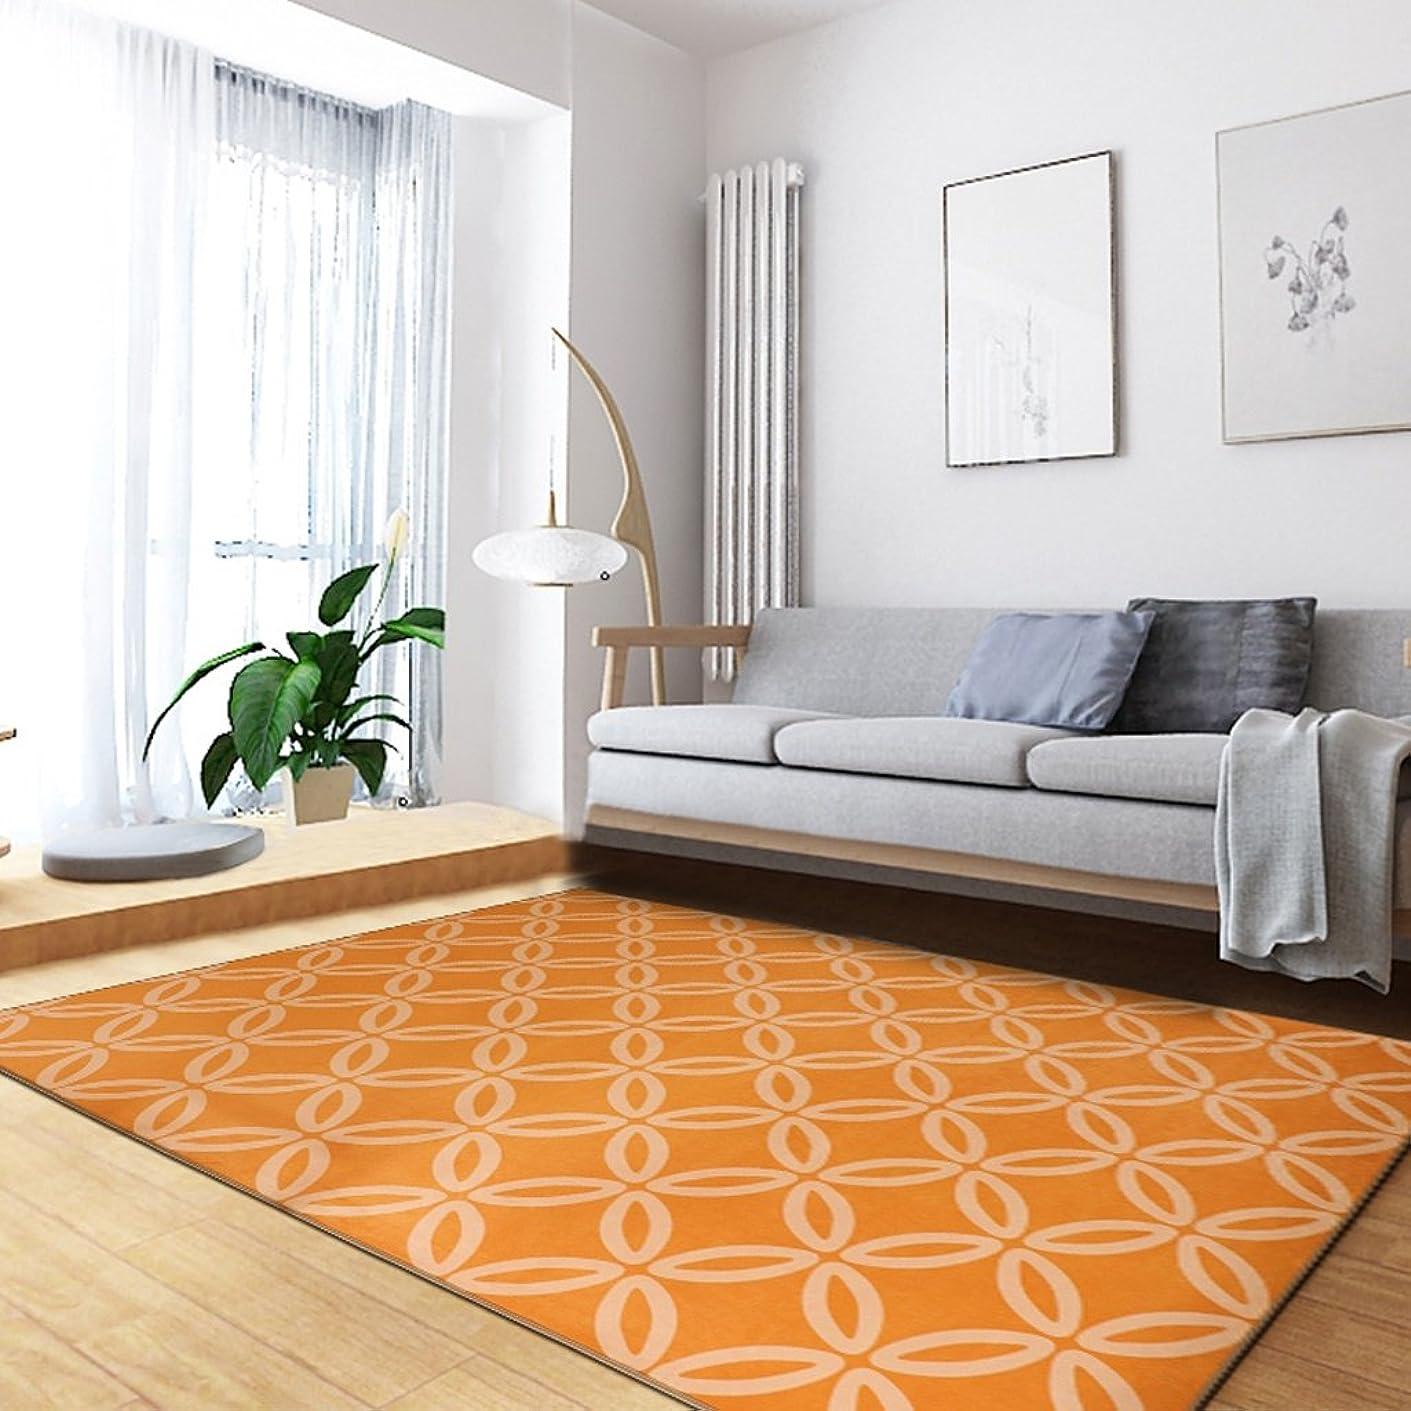 重力制限されたヒューバートハドソンモダンスタイルの幾何学模様ラグリビングルームソファベッドルームの長方形家庭用洗濯可能 ( 色 : オレンジ , サイズ さいず : 140*200cm )